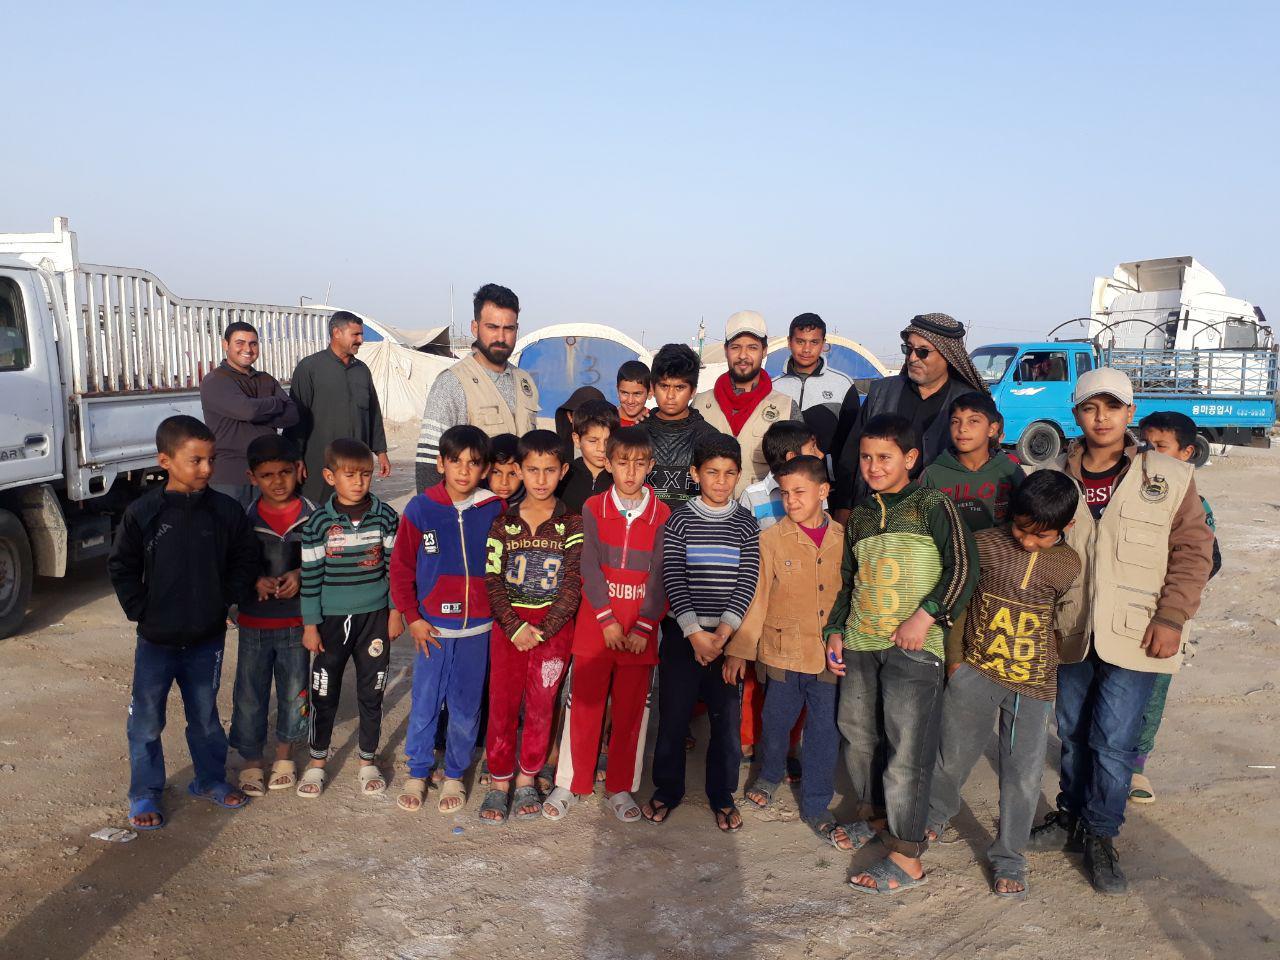 بالصور.. الجمعية الخيرية توزع الكسوة الشتوية على النازحين بالمخيمات